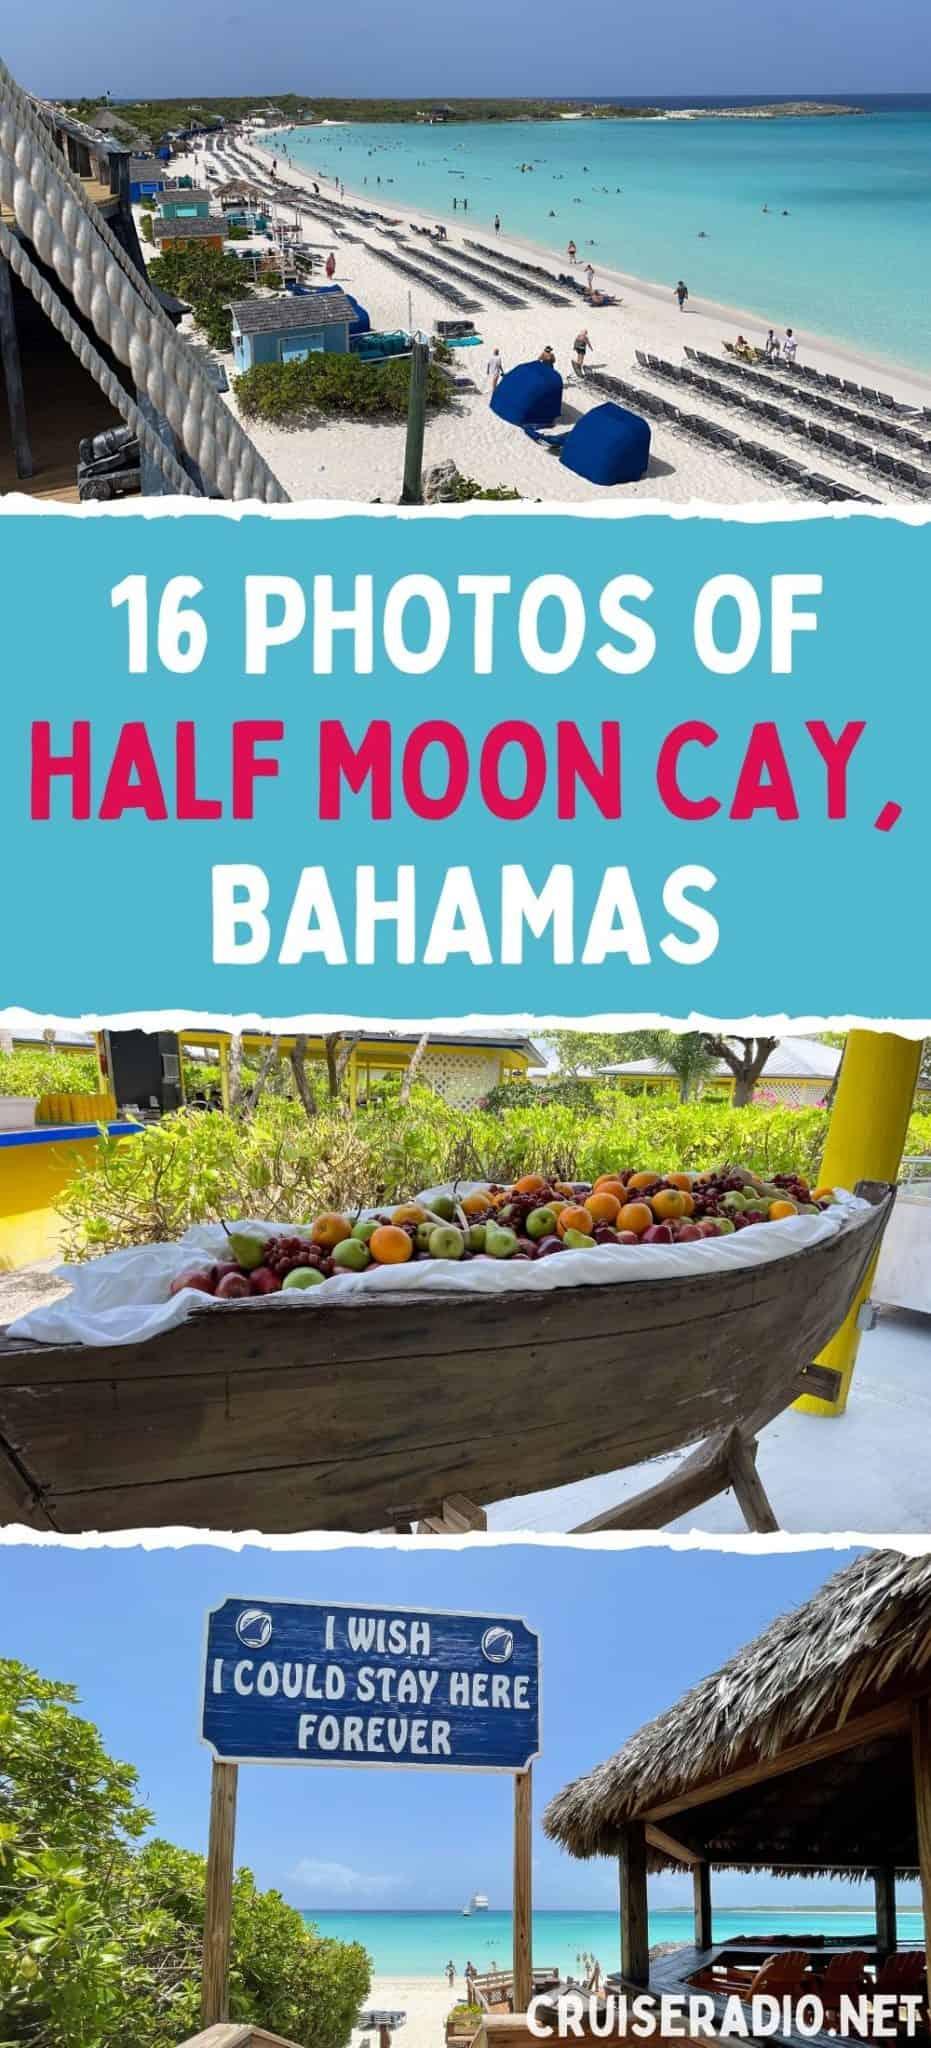 16 photos of Half Moon Cay, Bahamas